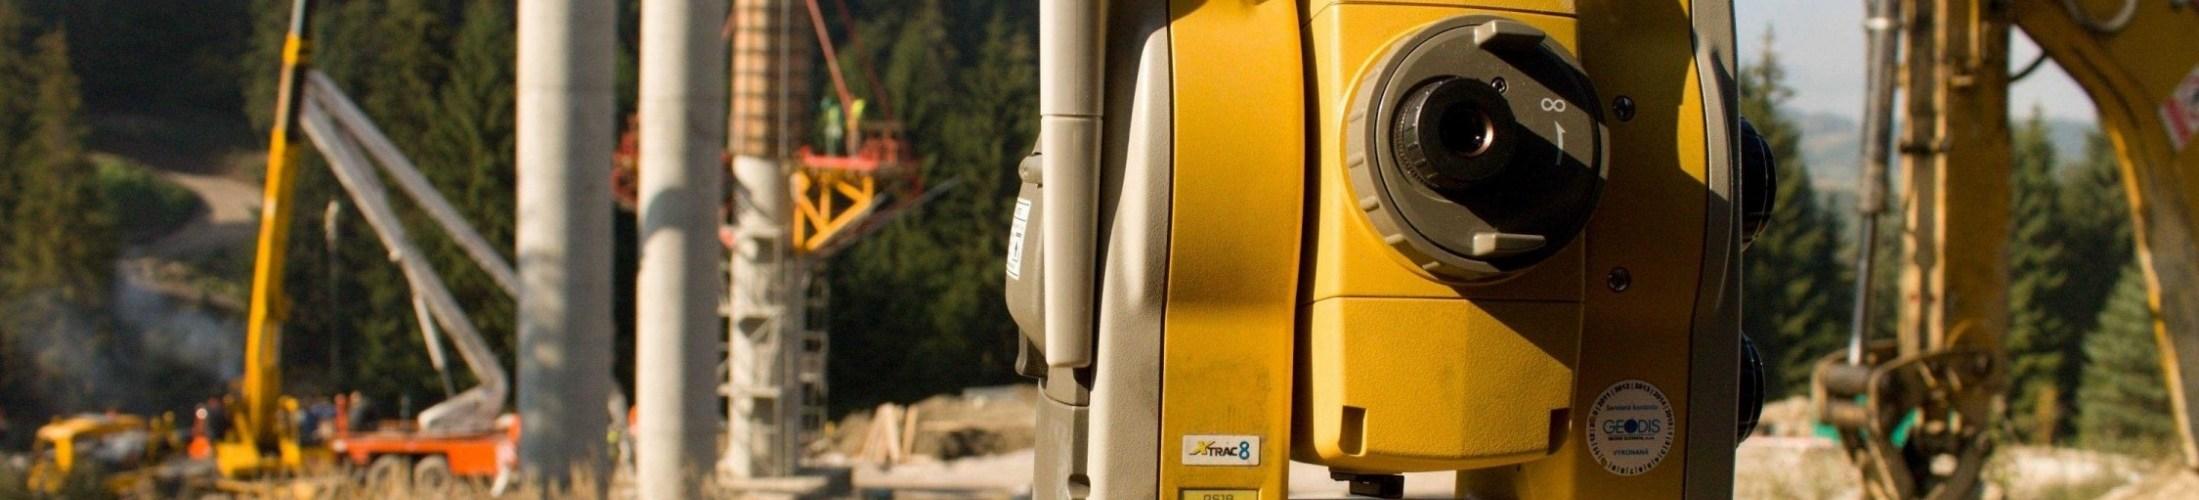 Prístrojové vybavenie- Geodet v.o.s. Martin-geodetické práce, geodetické služby